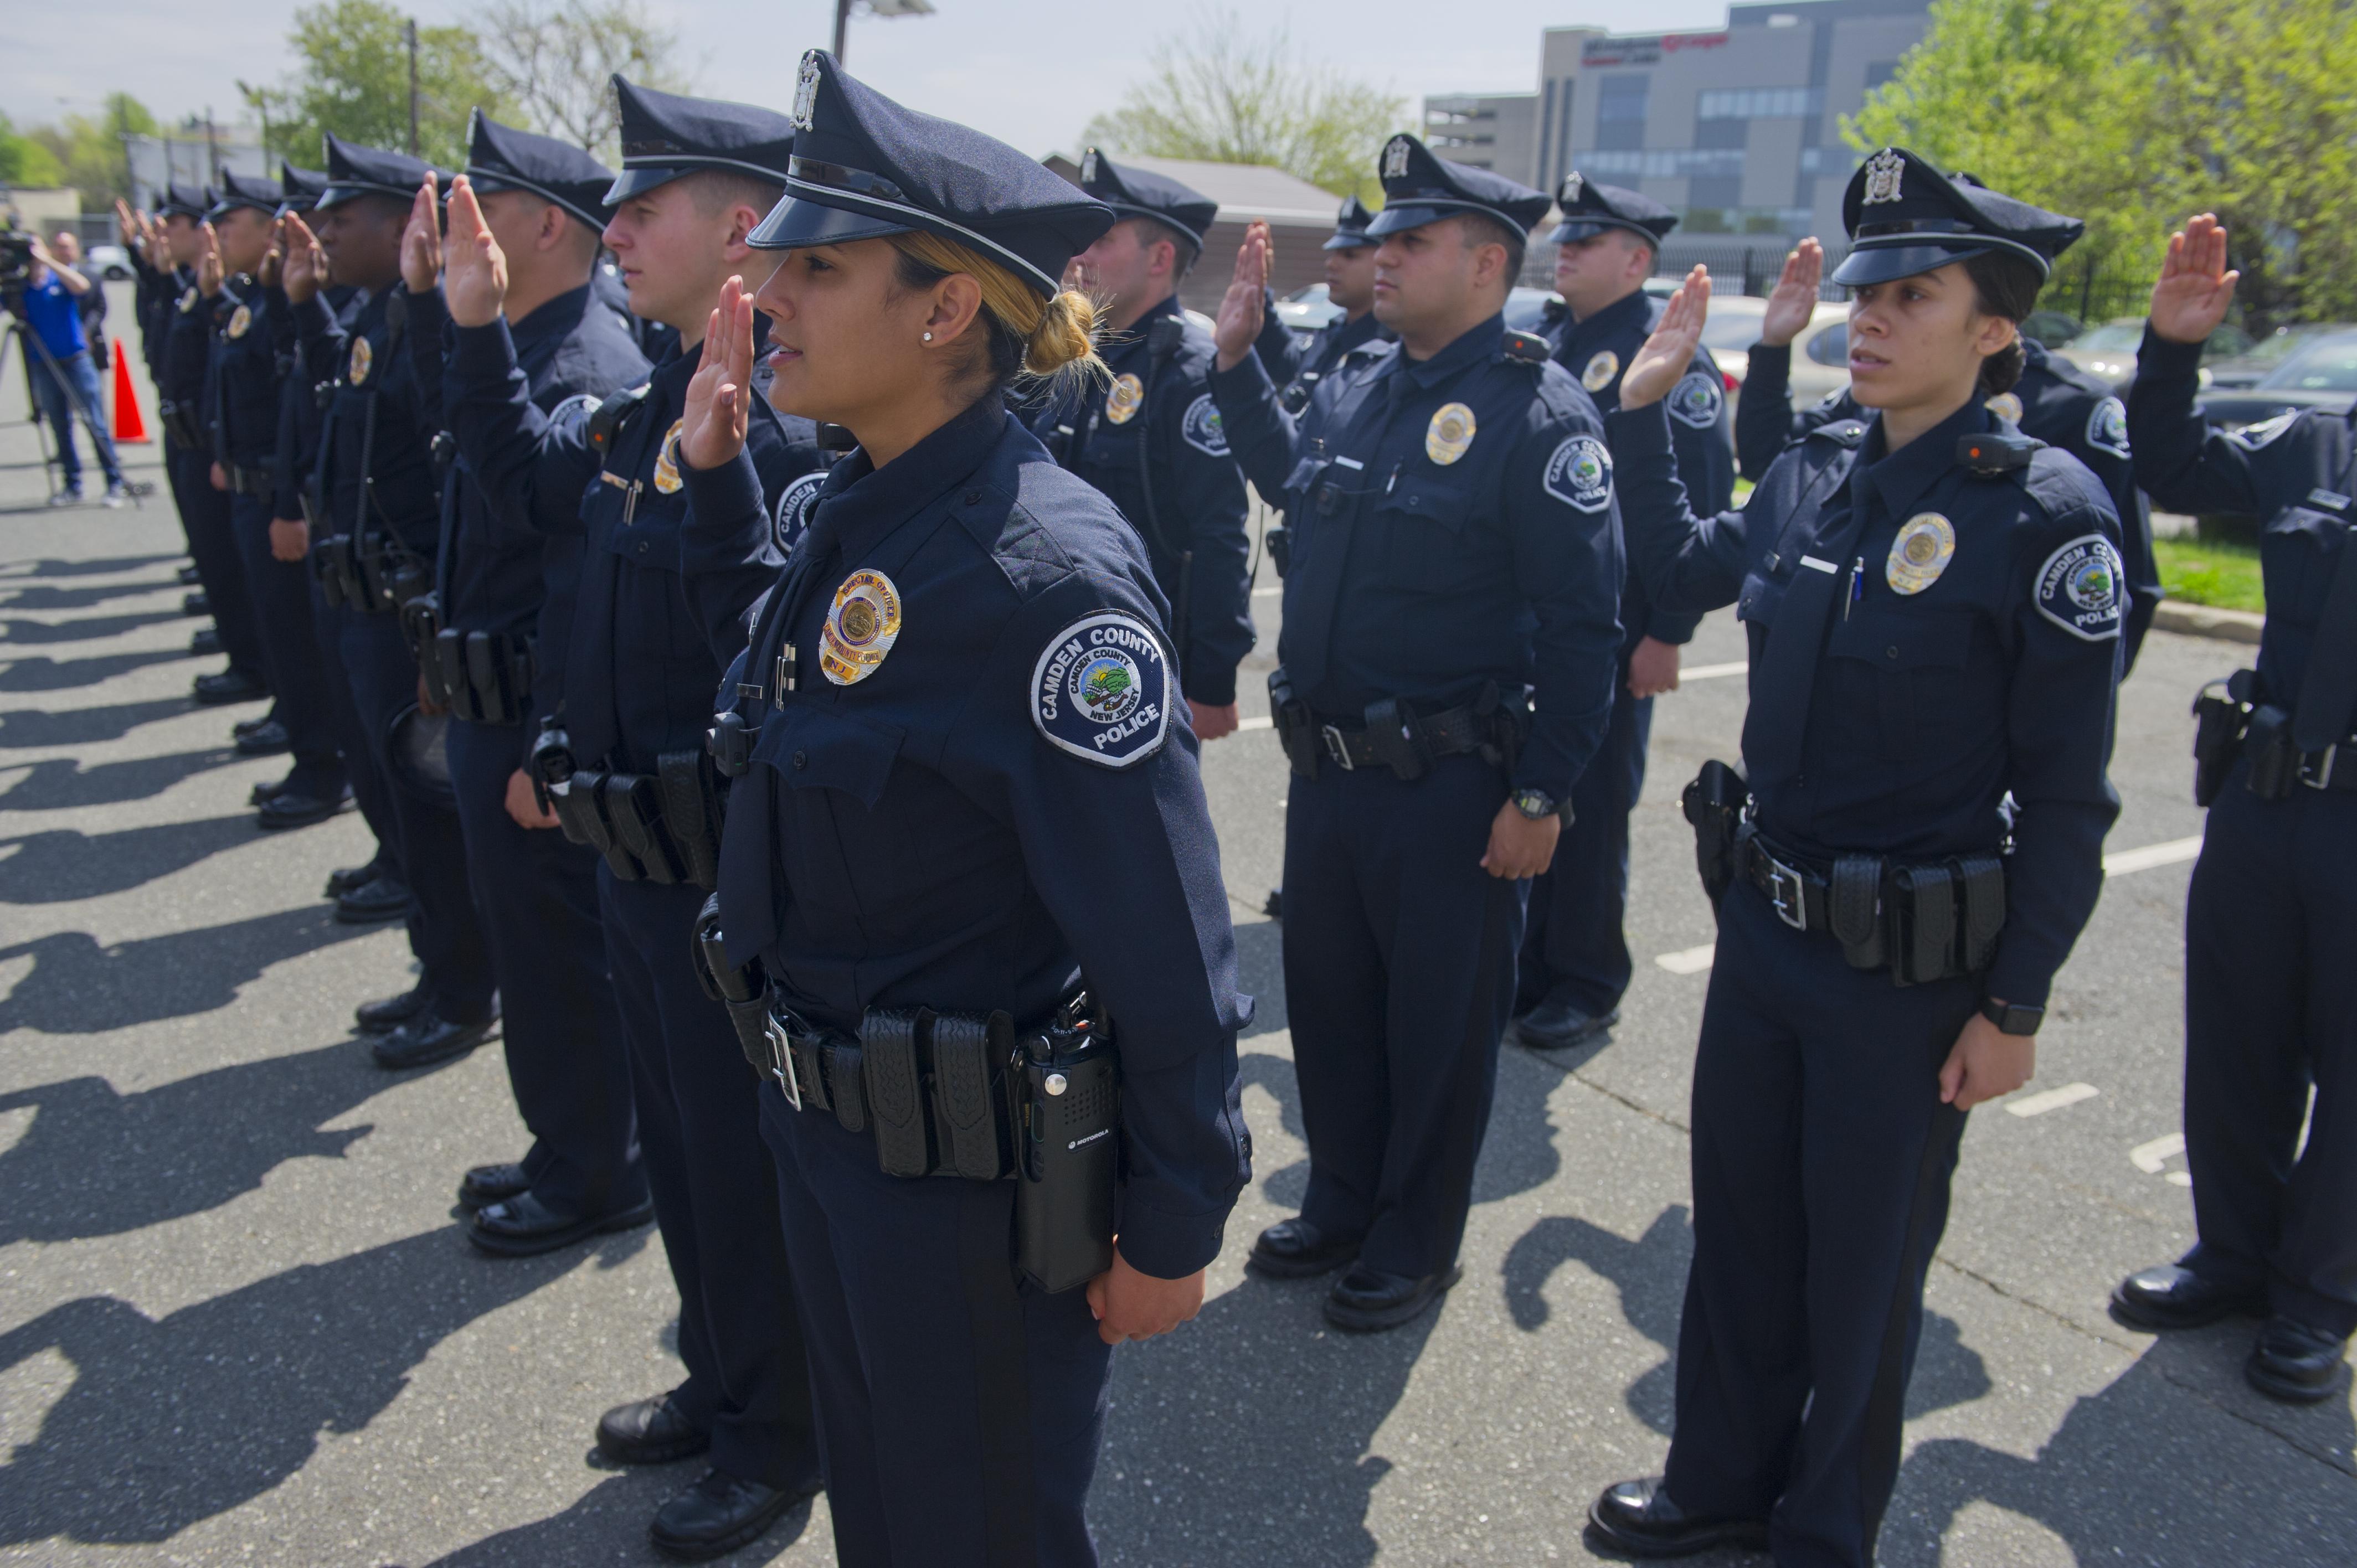 CCPDSWEARING-IN_45